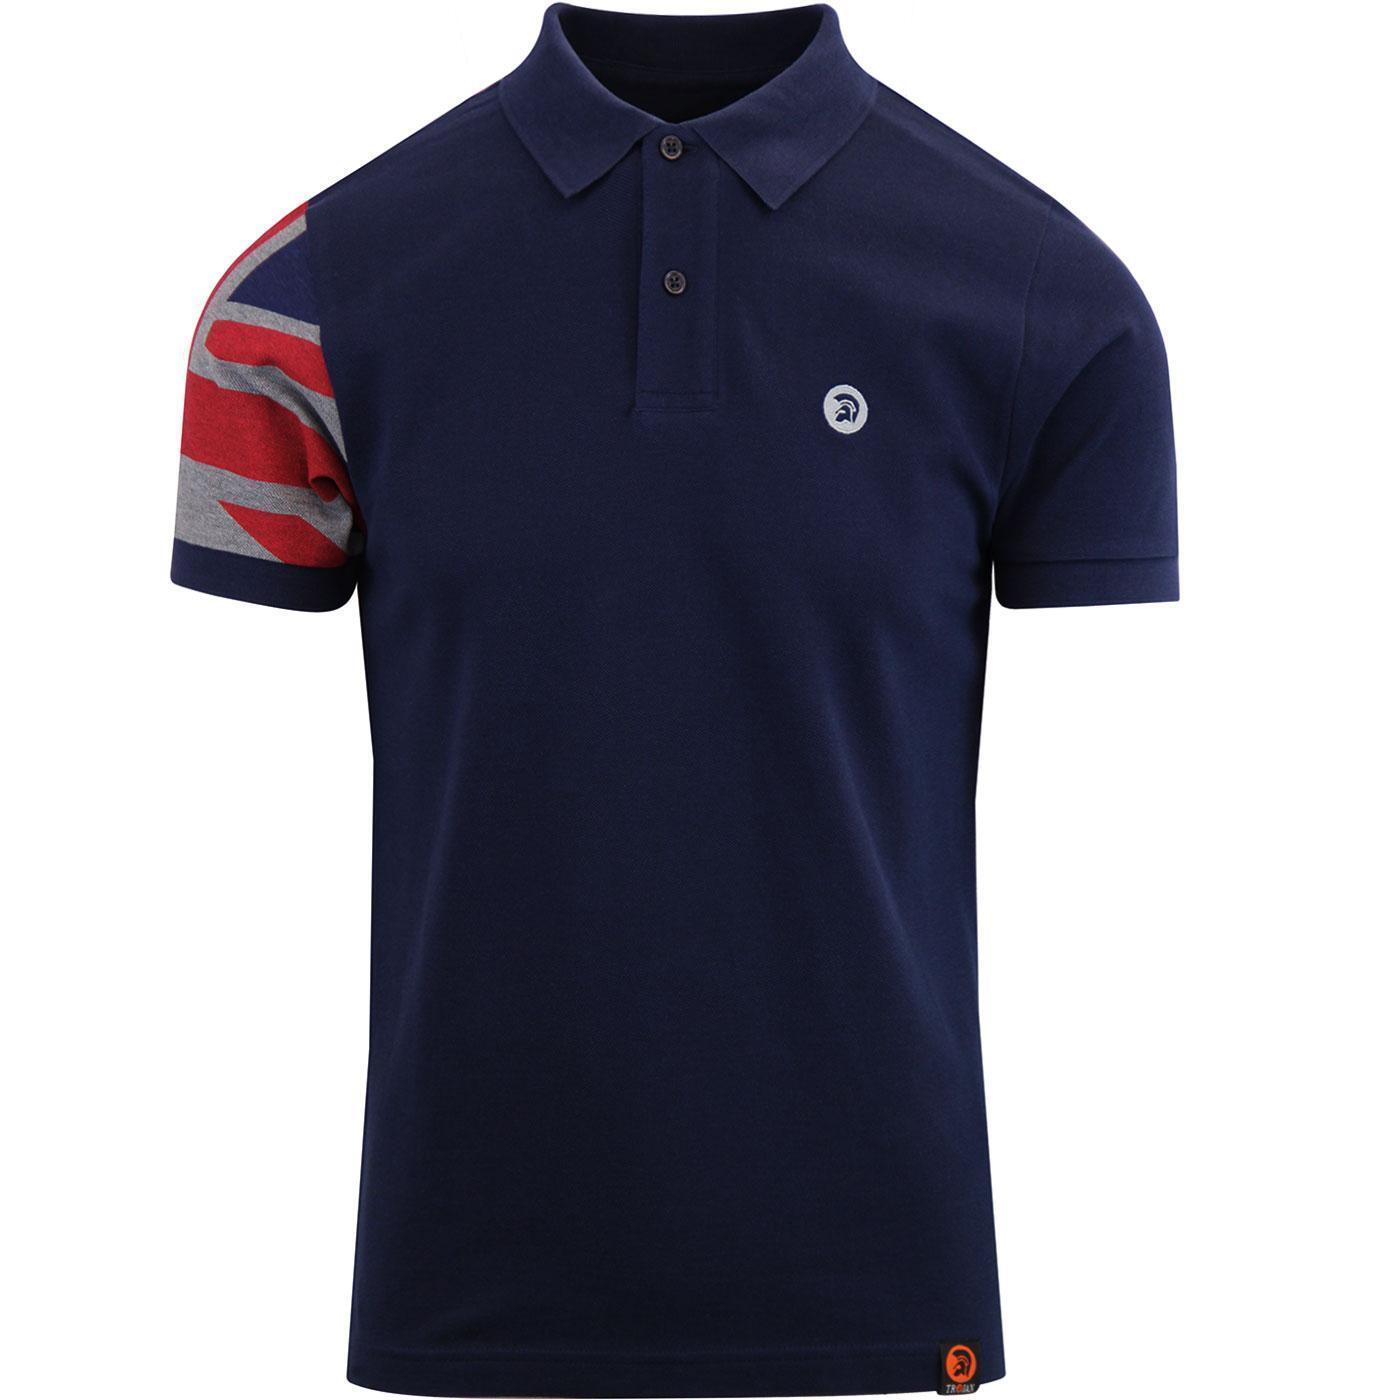 Uomo Troiano Mod Maglietta Polo di Cotone Union Jack Manica Tr 8377 - Blu Navy